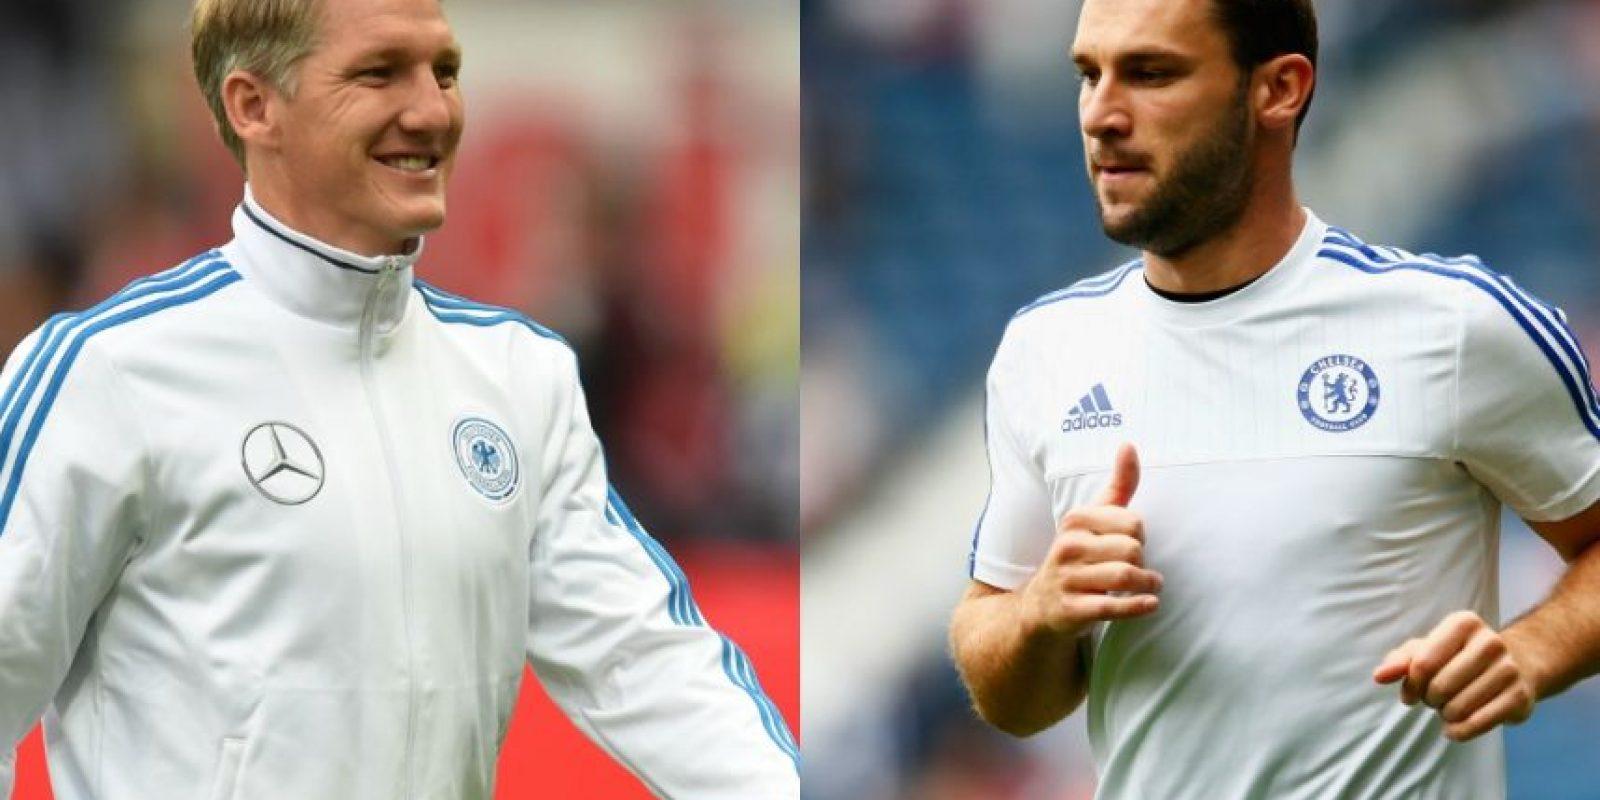 Bastian Schweinsteiger y Branislav Ivanovic – El jugador alemán tiene 31 años, la misma edad del defensa serbio, que por la barba y su calvicie parece mucho mayor. Foto:Getty Images